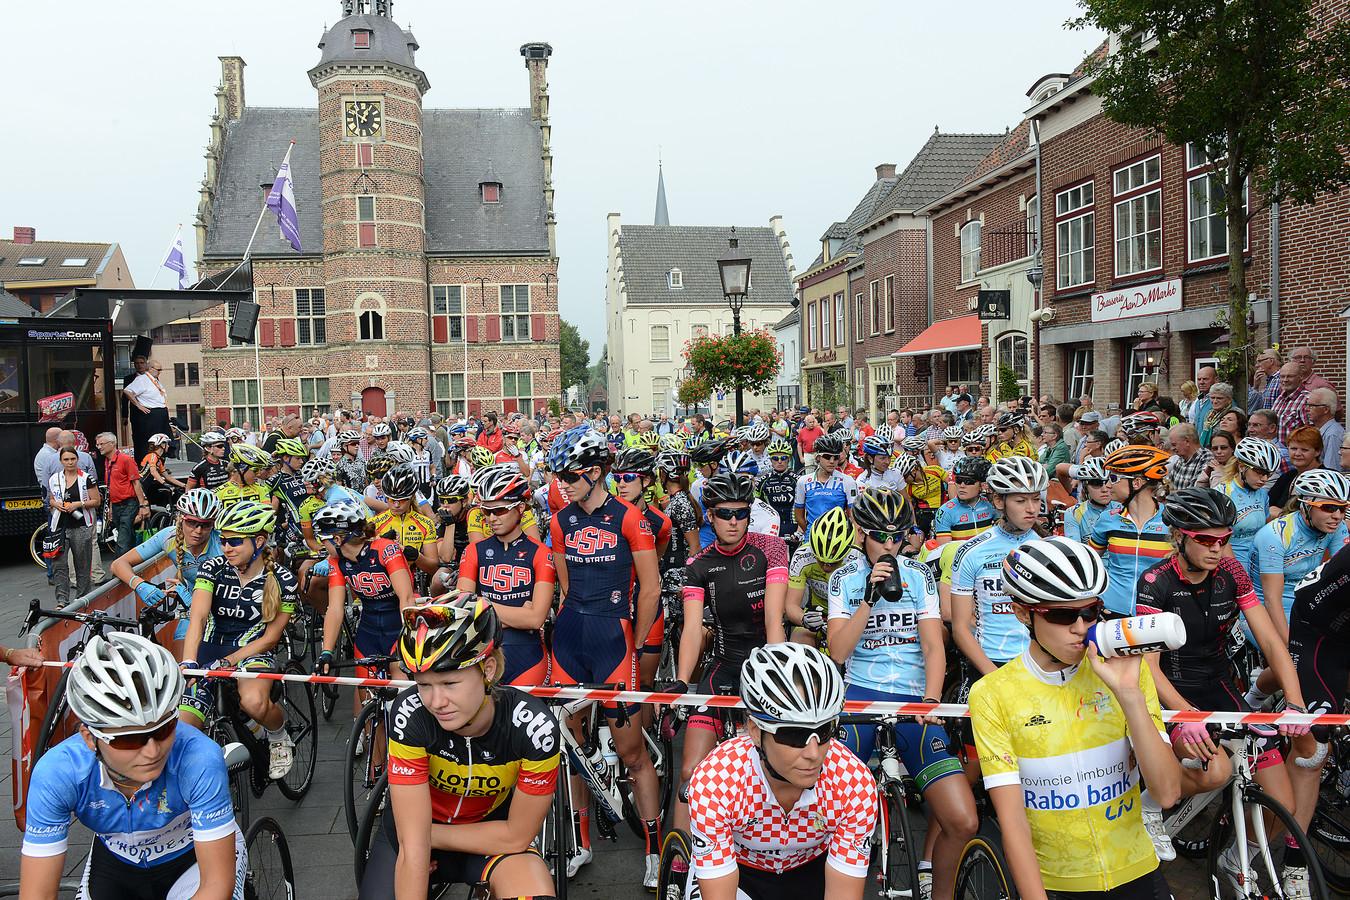 De deelneemsters van de Ladies Tour bij de start van de vierde etappe in Gennep in 2017.